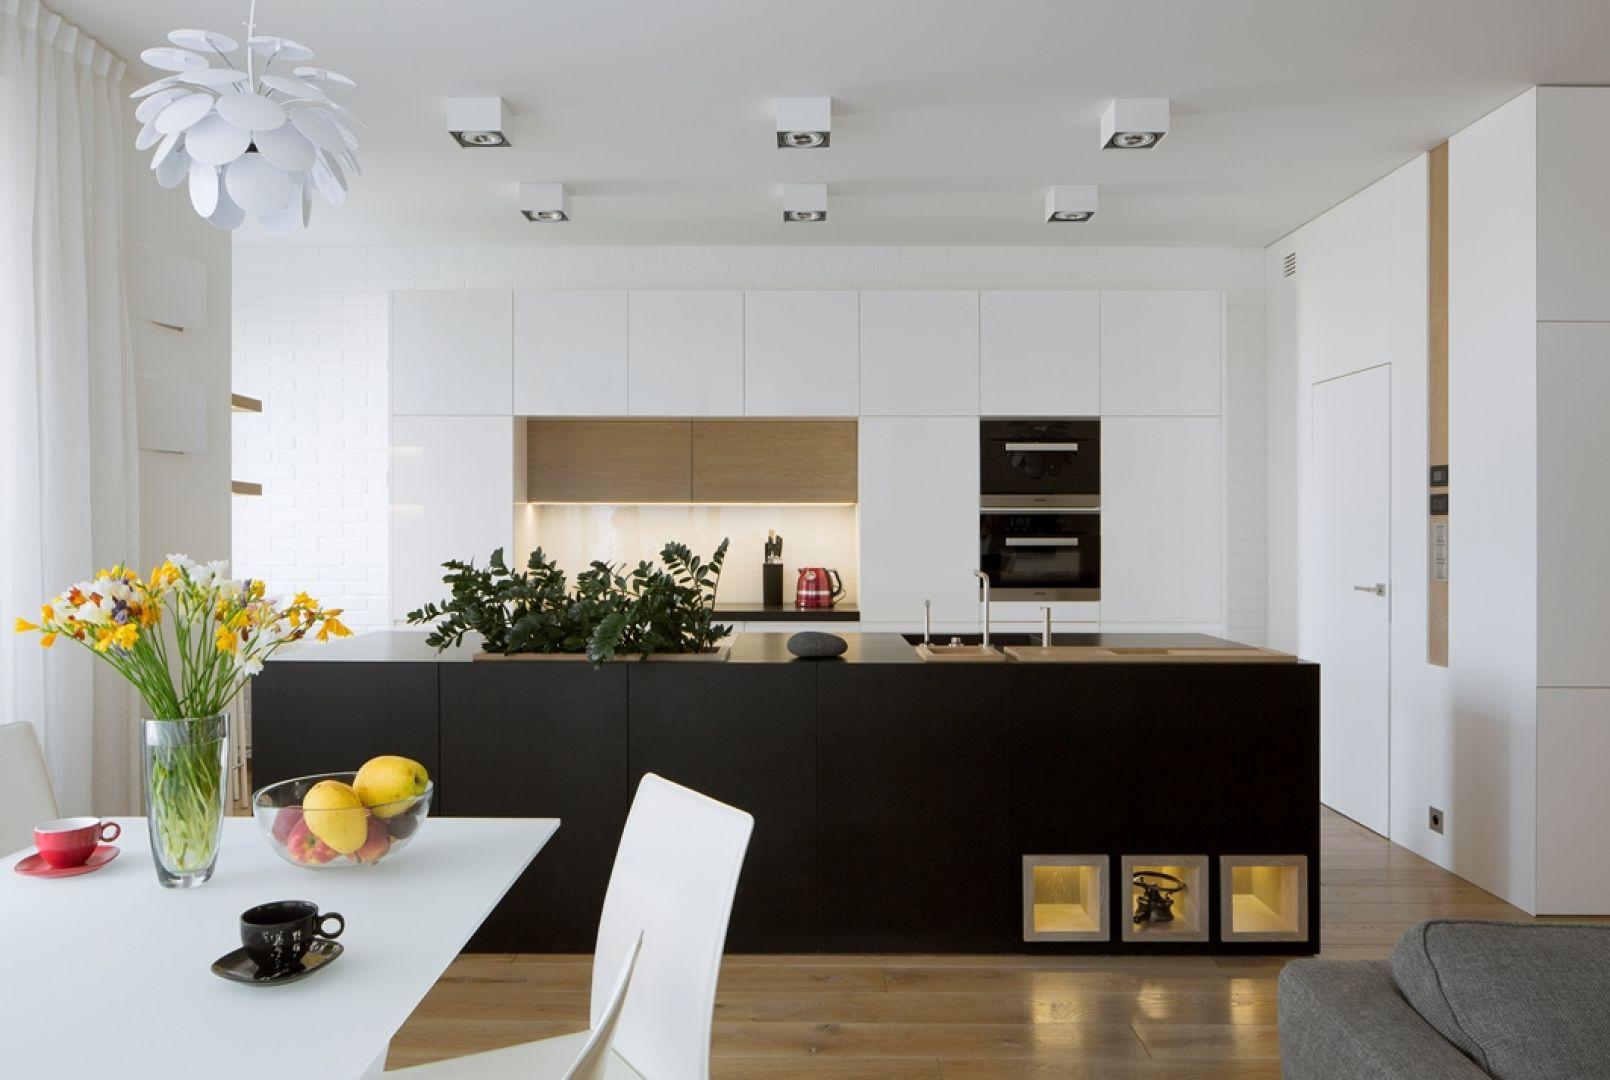 Salon płynnie łączy się z kuchnią i jadalnią. Projekt: Inter-Arch Architekci. Fot. Inter-Arch Architekci